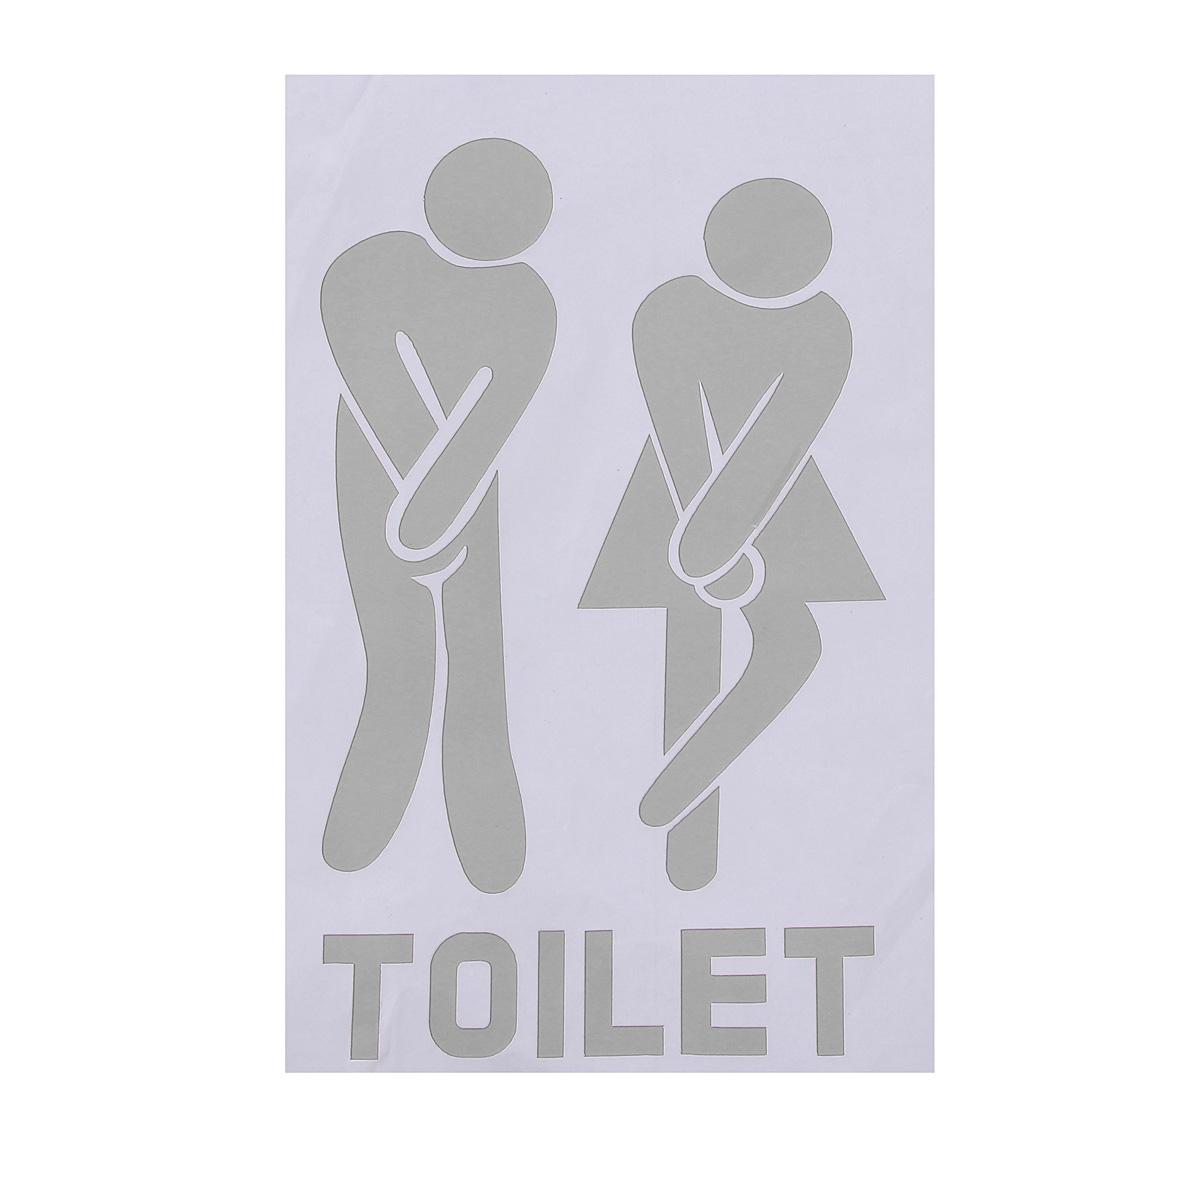 Toilette Porte Autocollant Salle Bain Drole Homme Femme PVC 6 Couleurs